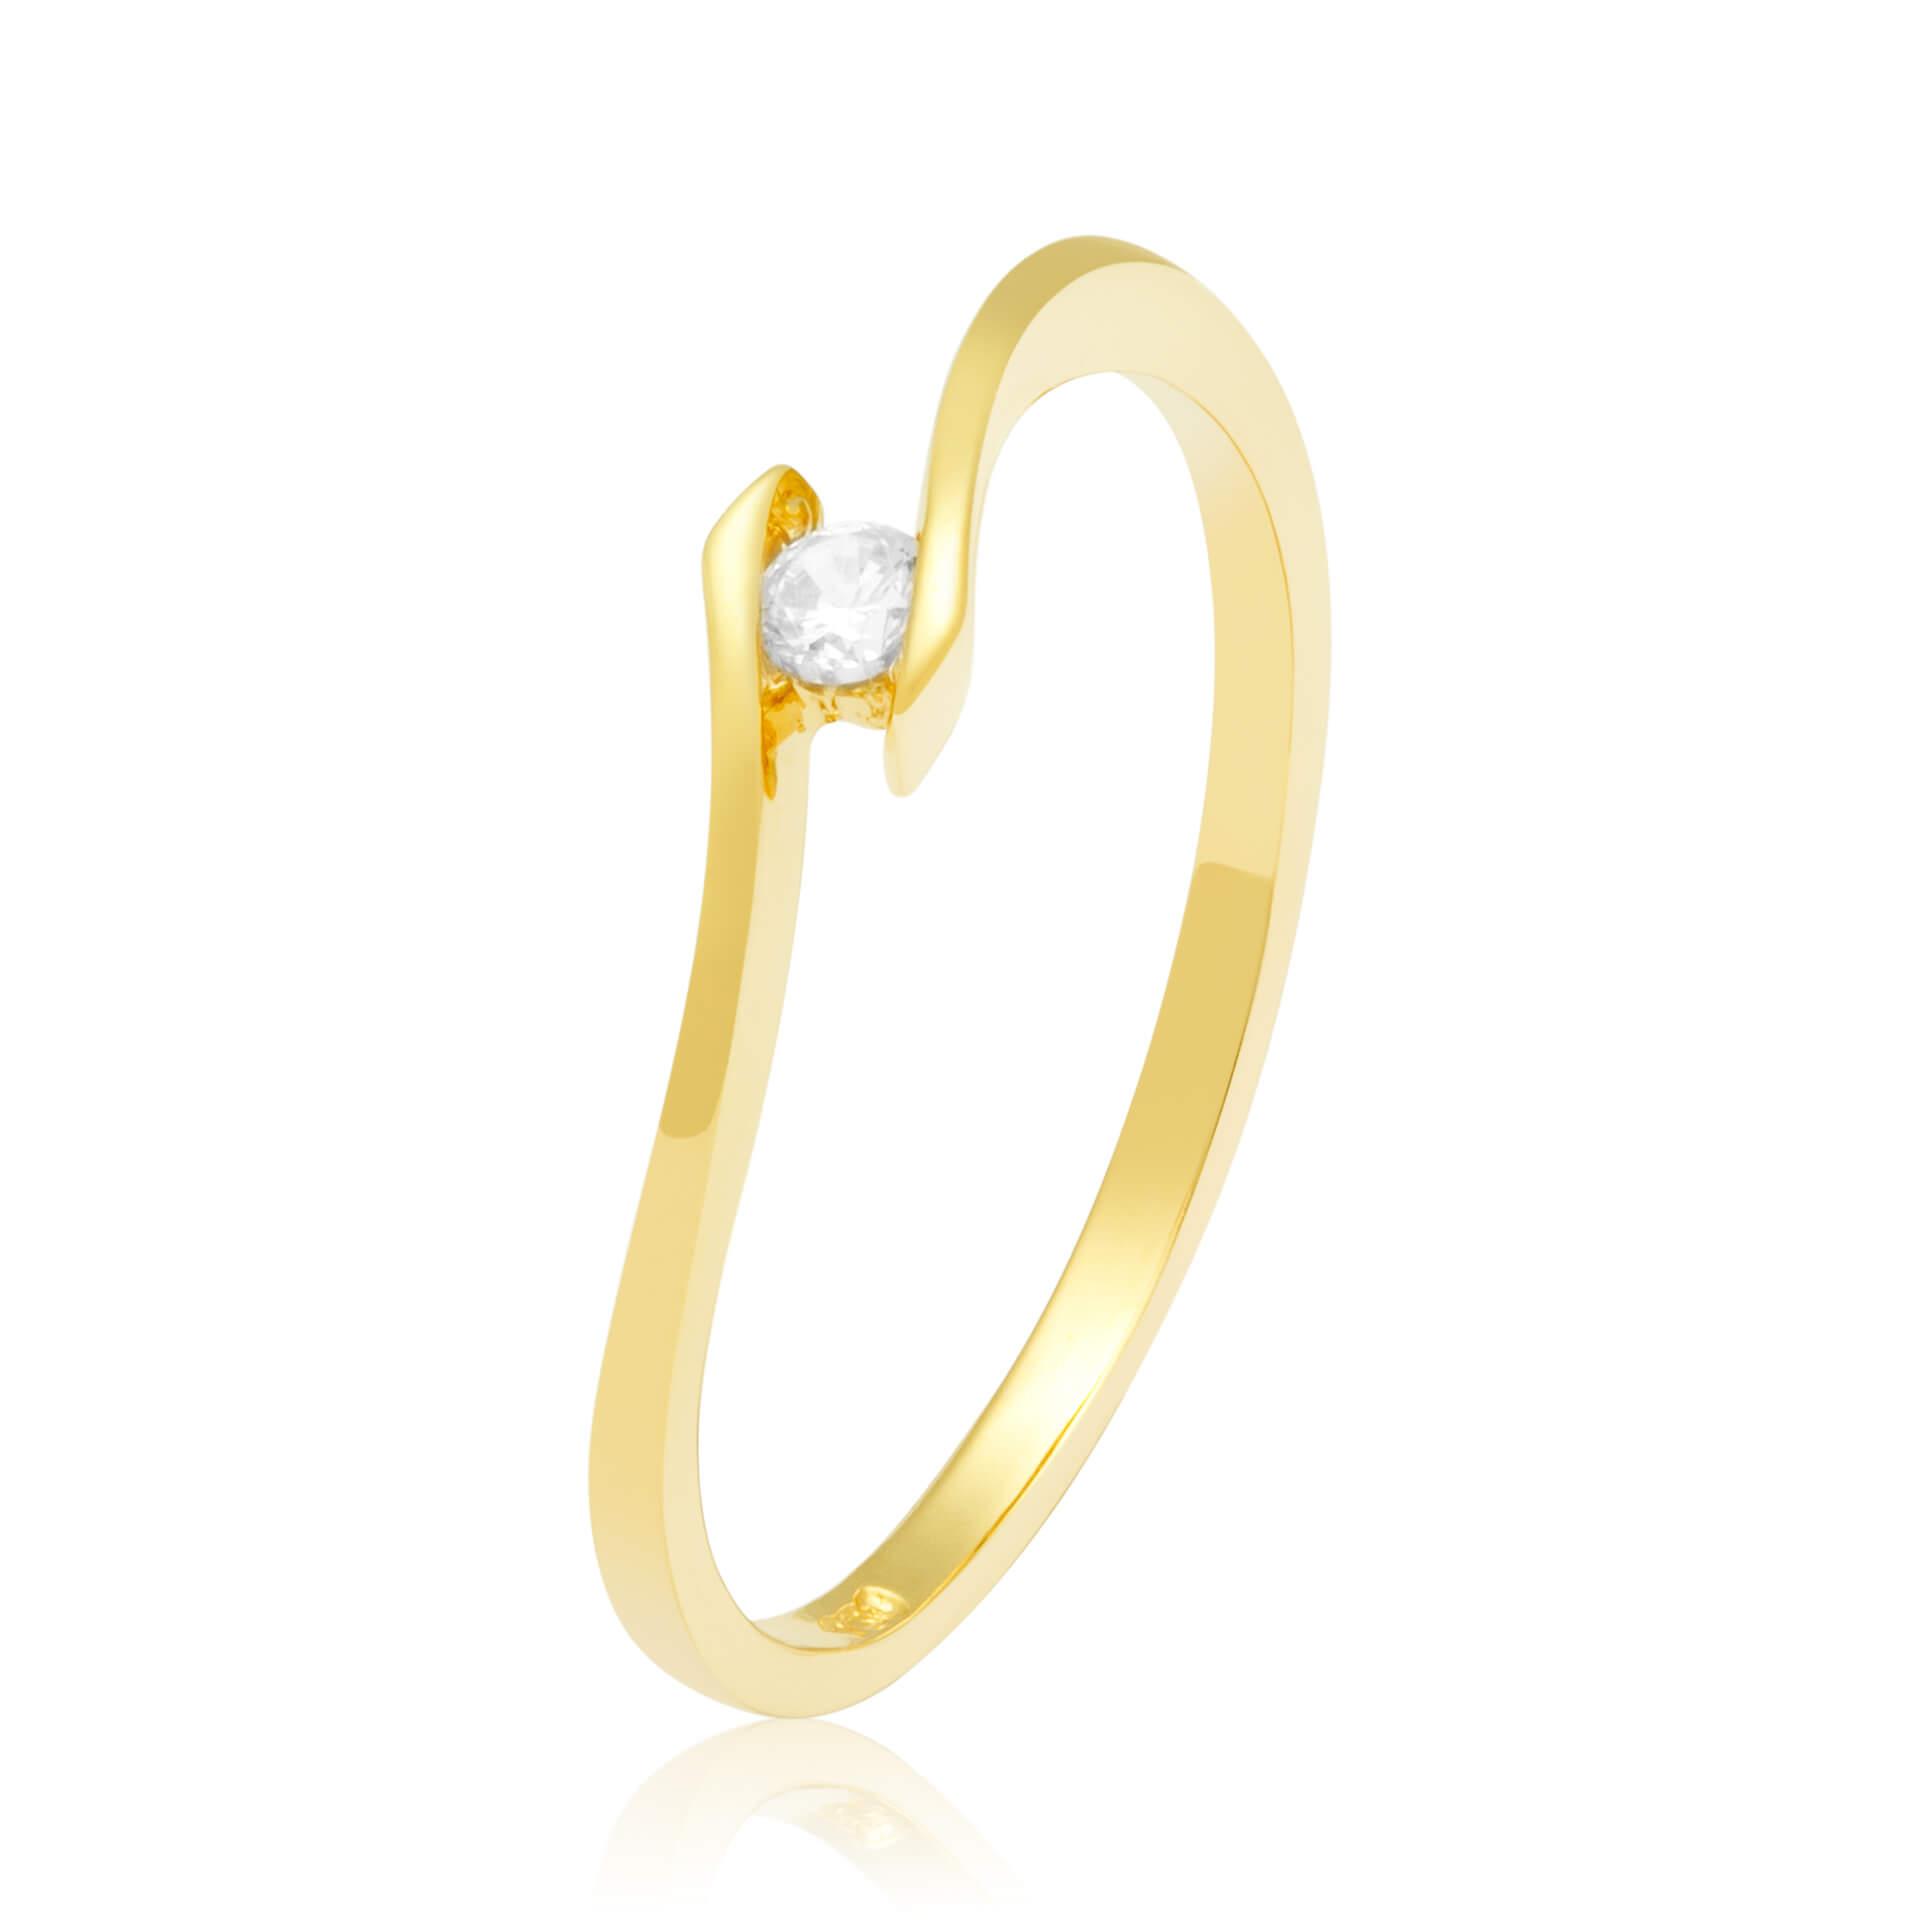 Solitário Ouro Amarelo 18k Tension e 6 Pontos de Diamantes